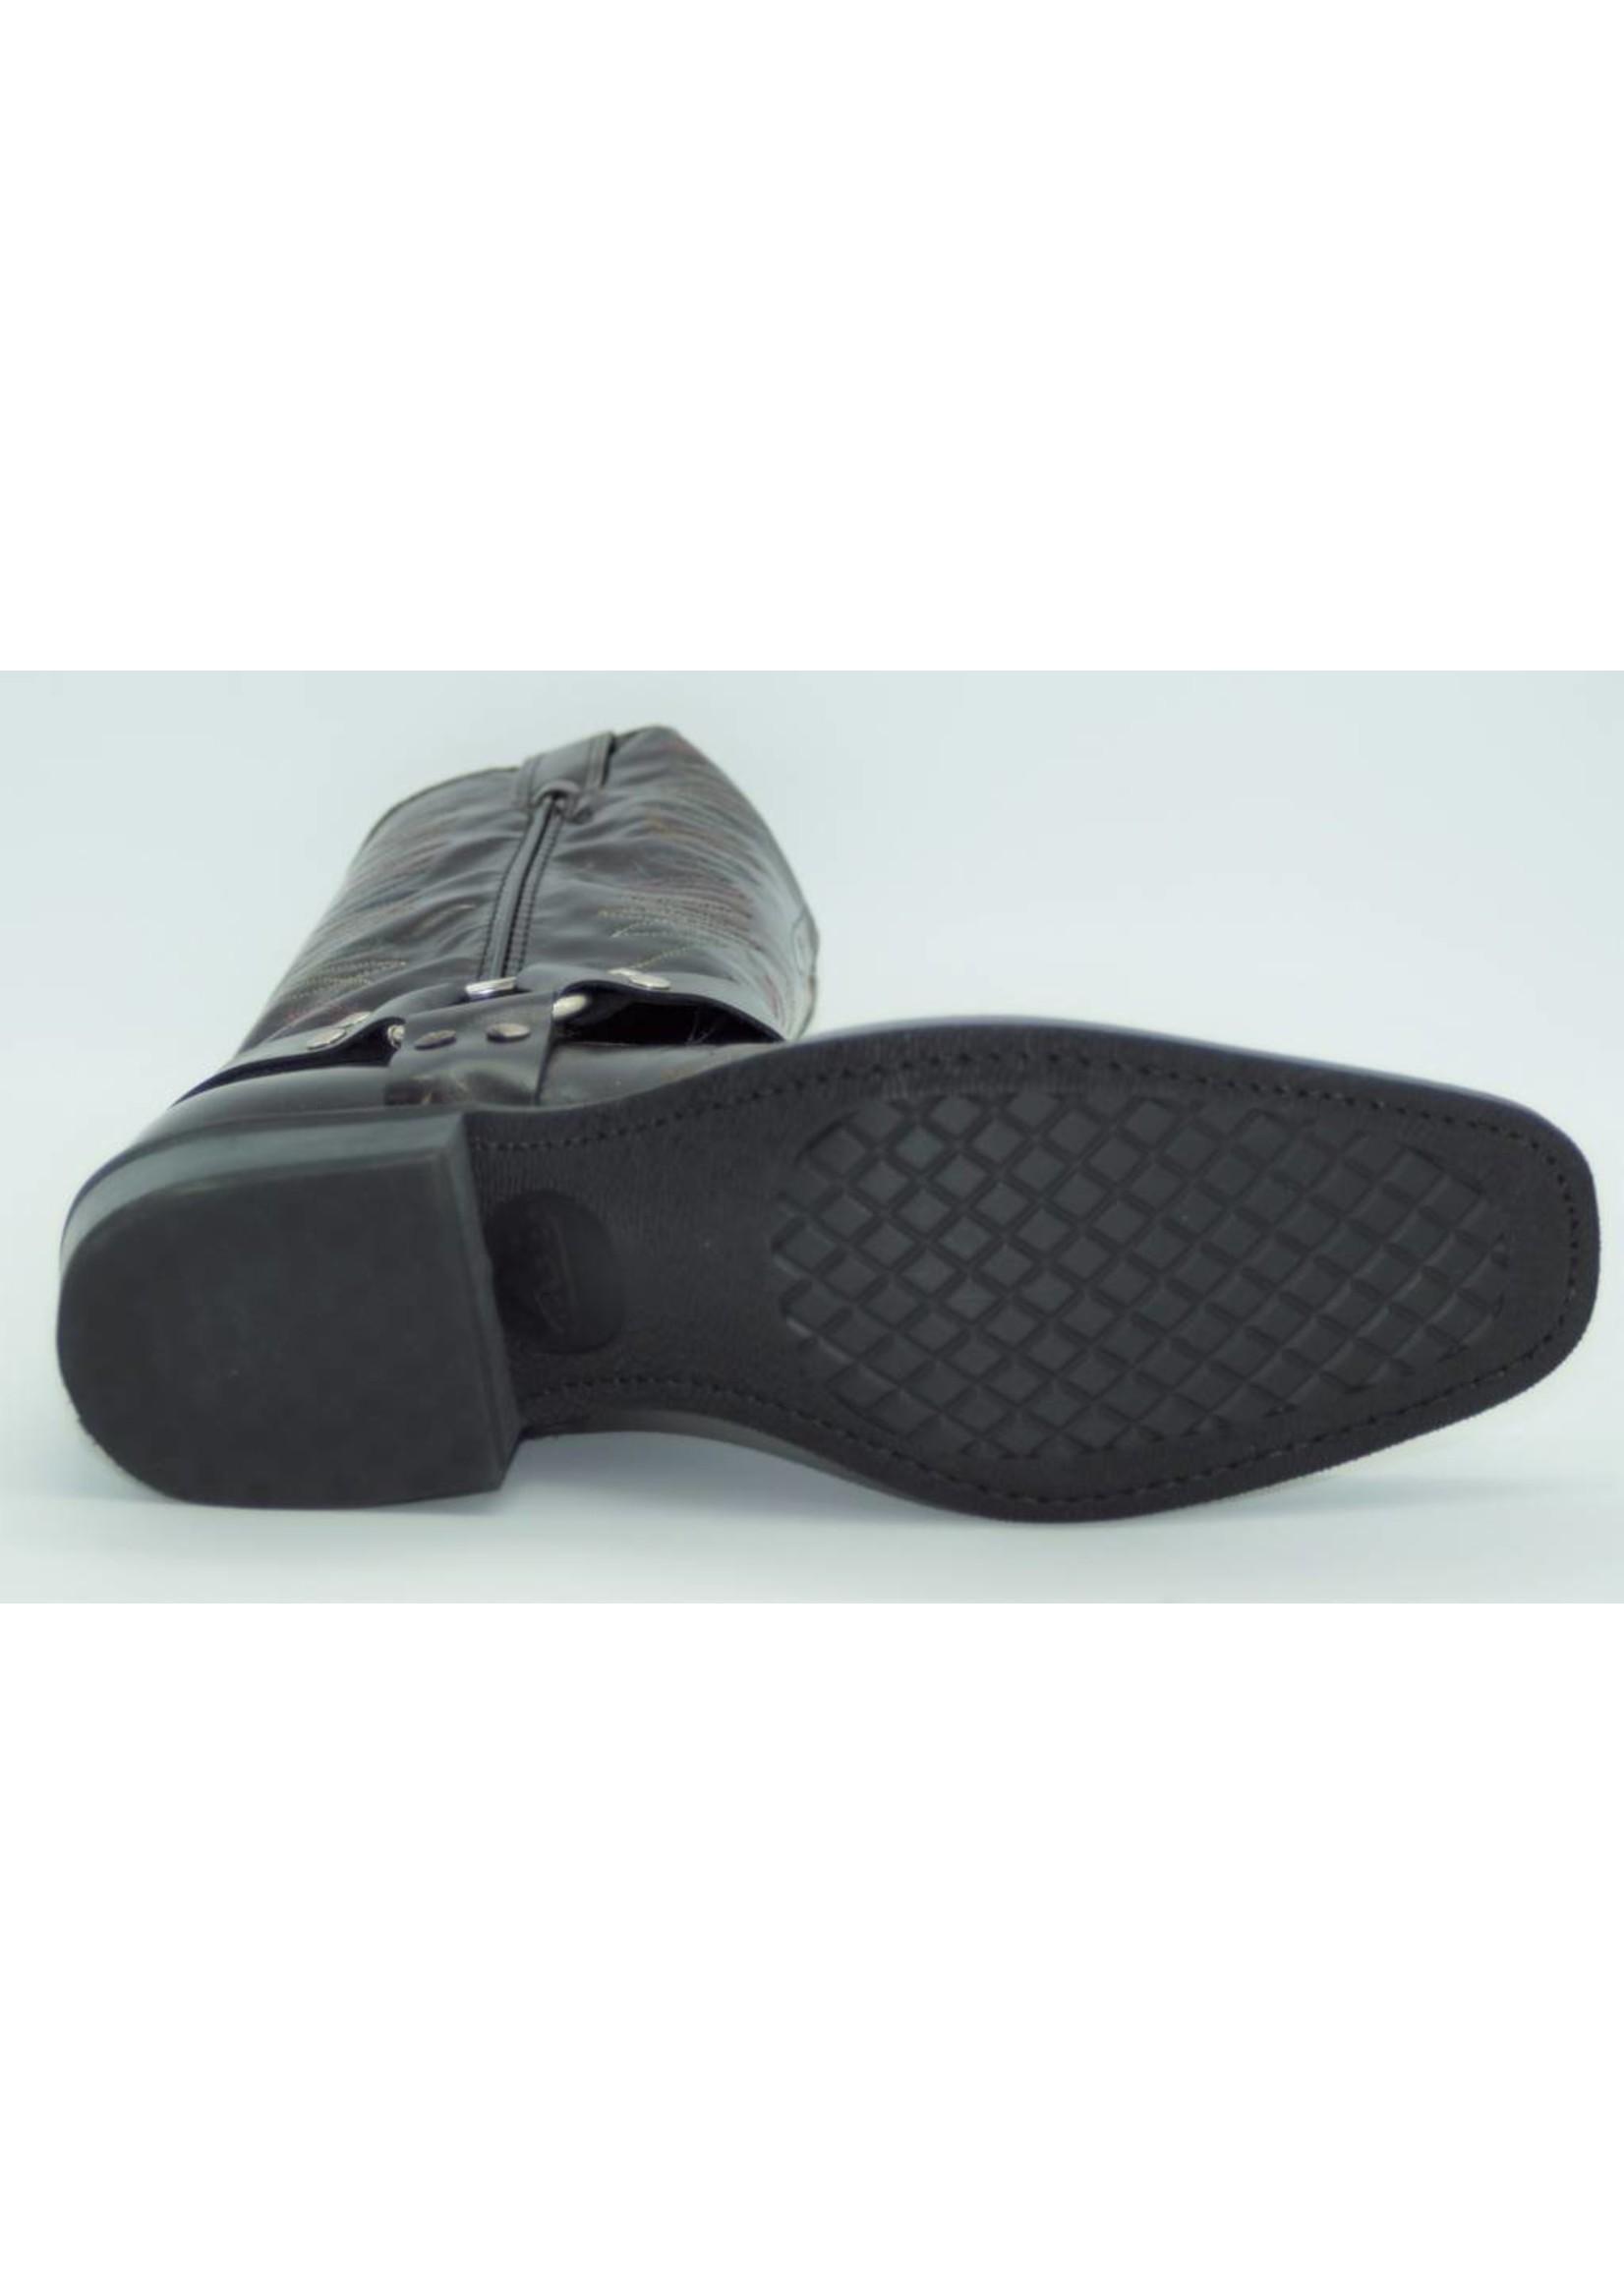 Laredo Men's Burgundy Harness Boot 5083